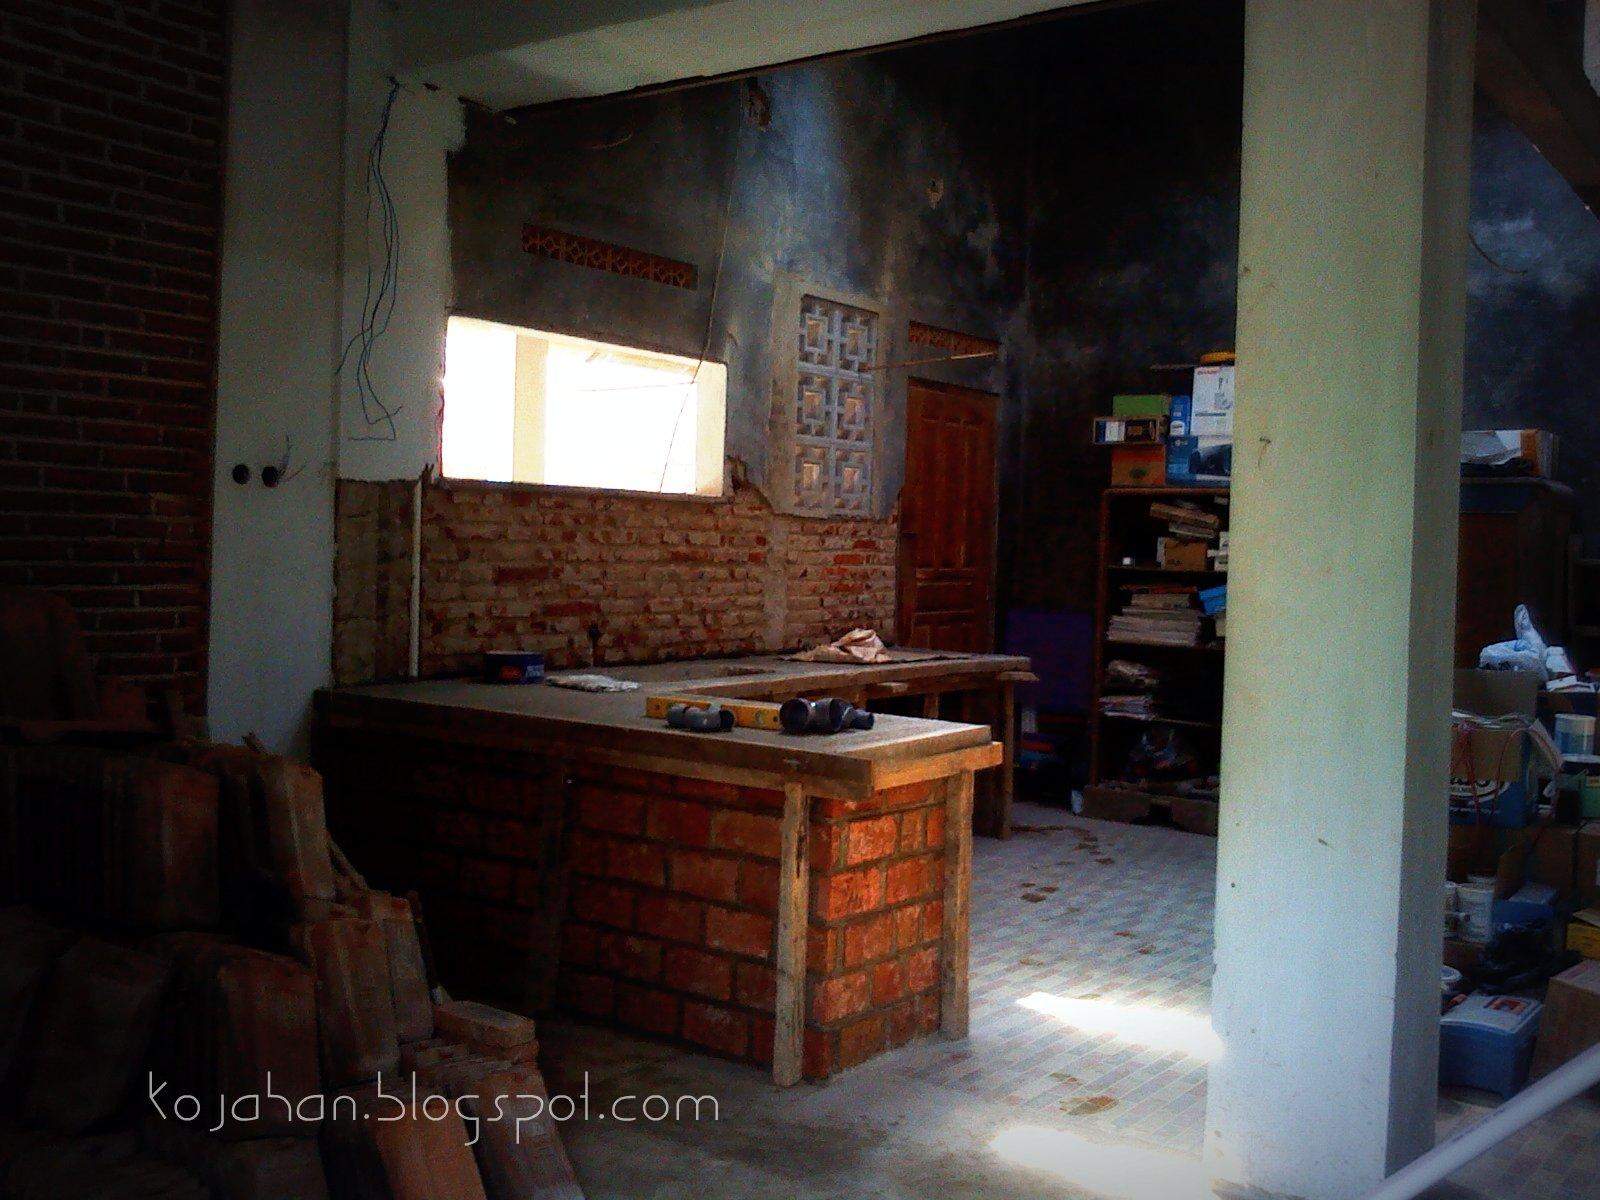 Meja Dapur Dinding Penyangga Menggunakan Bata Yang Kspos Dengan Pasangan Miring 1 4